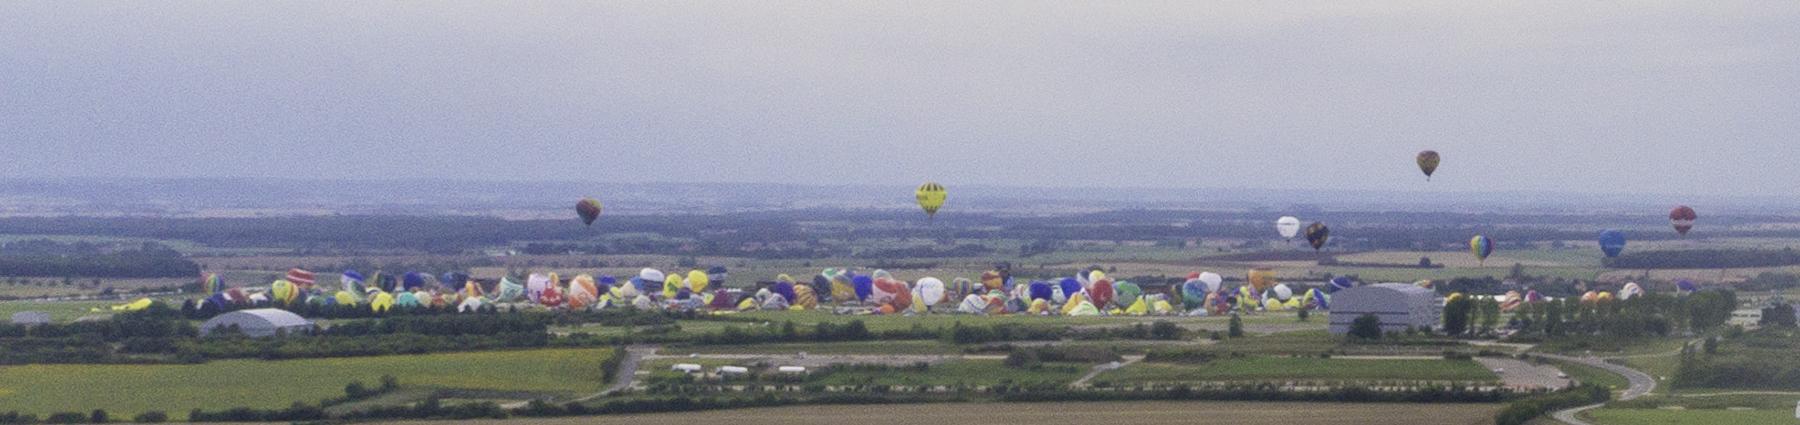 dji 0004 b Mondial Air Ballon 2017